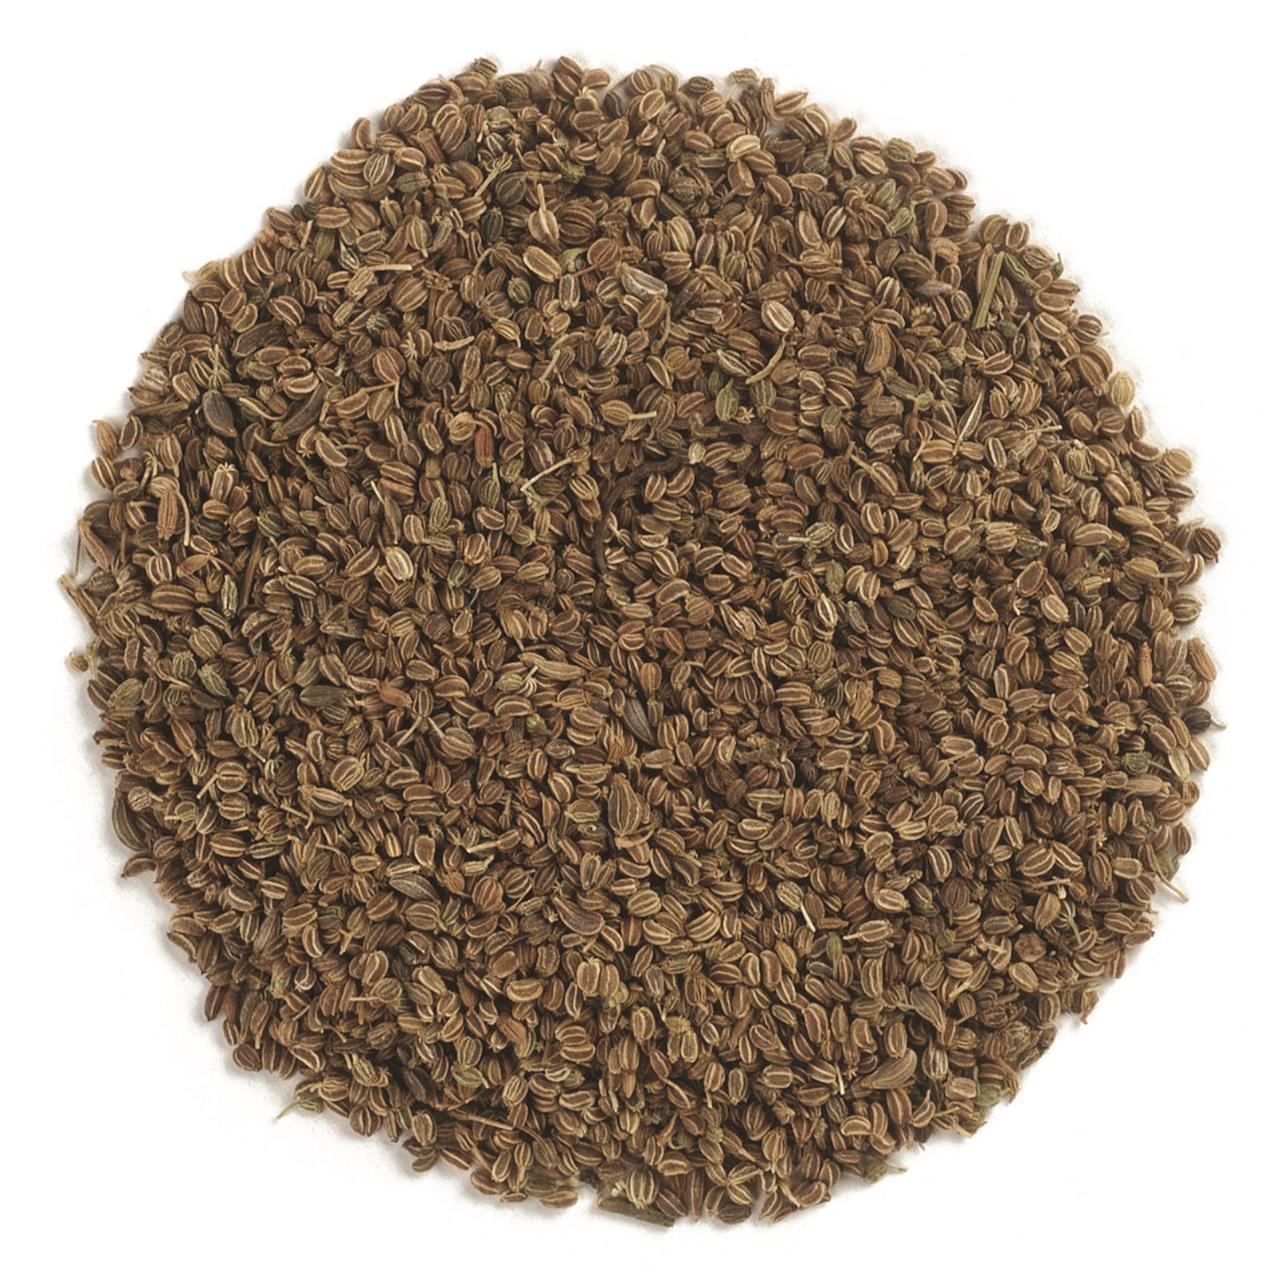 Frontier Natural Products, Органические цельные семена сельдерея 16 унции (453 г)